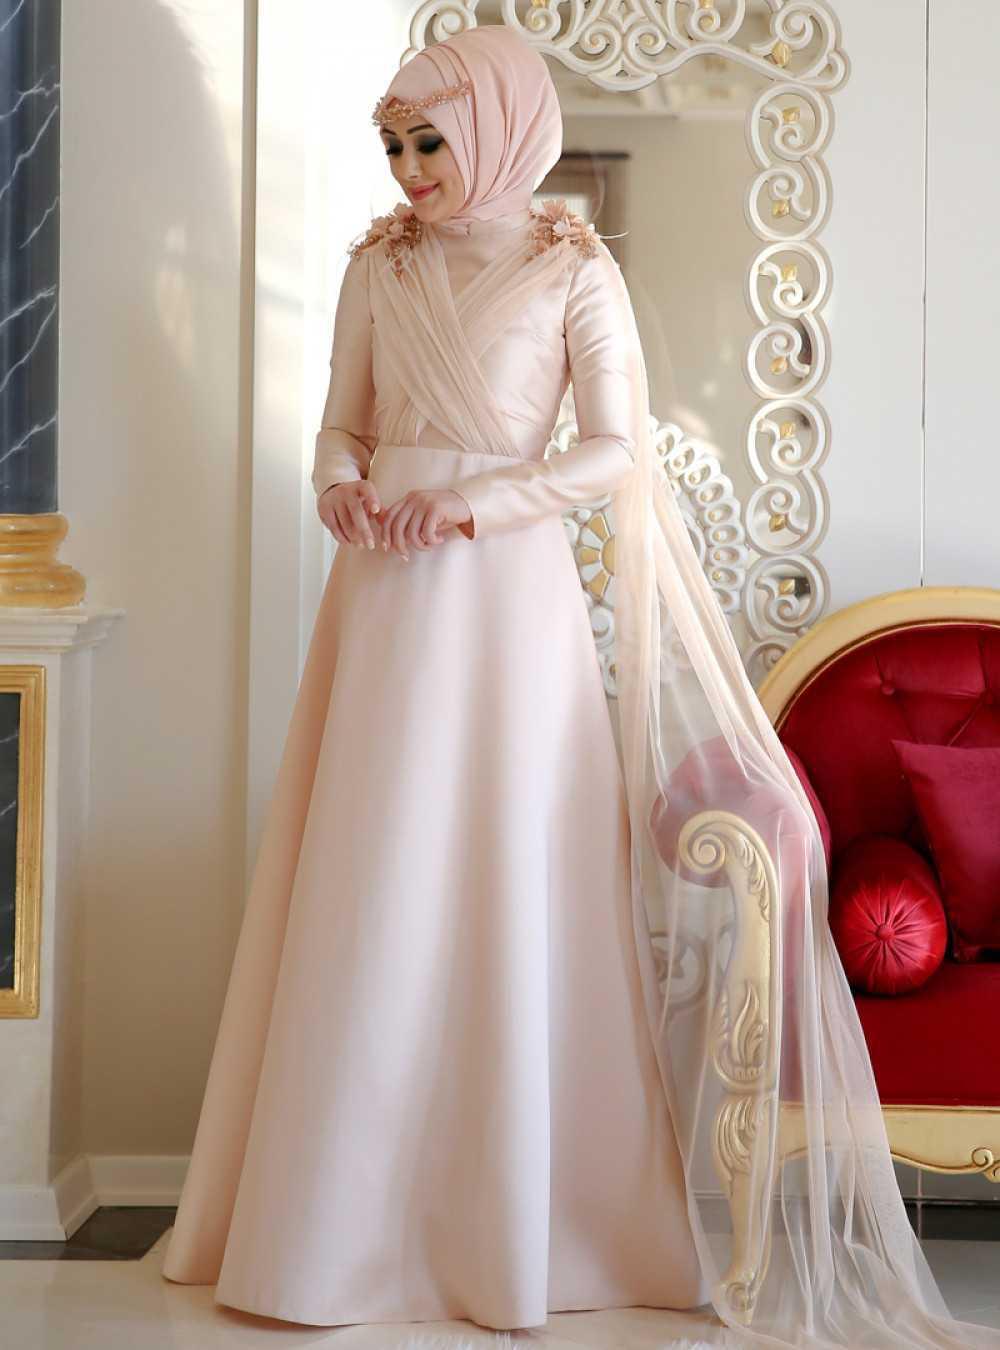 Minel Aşk Elegance Tesettür Abiye Elbise Modelleri